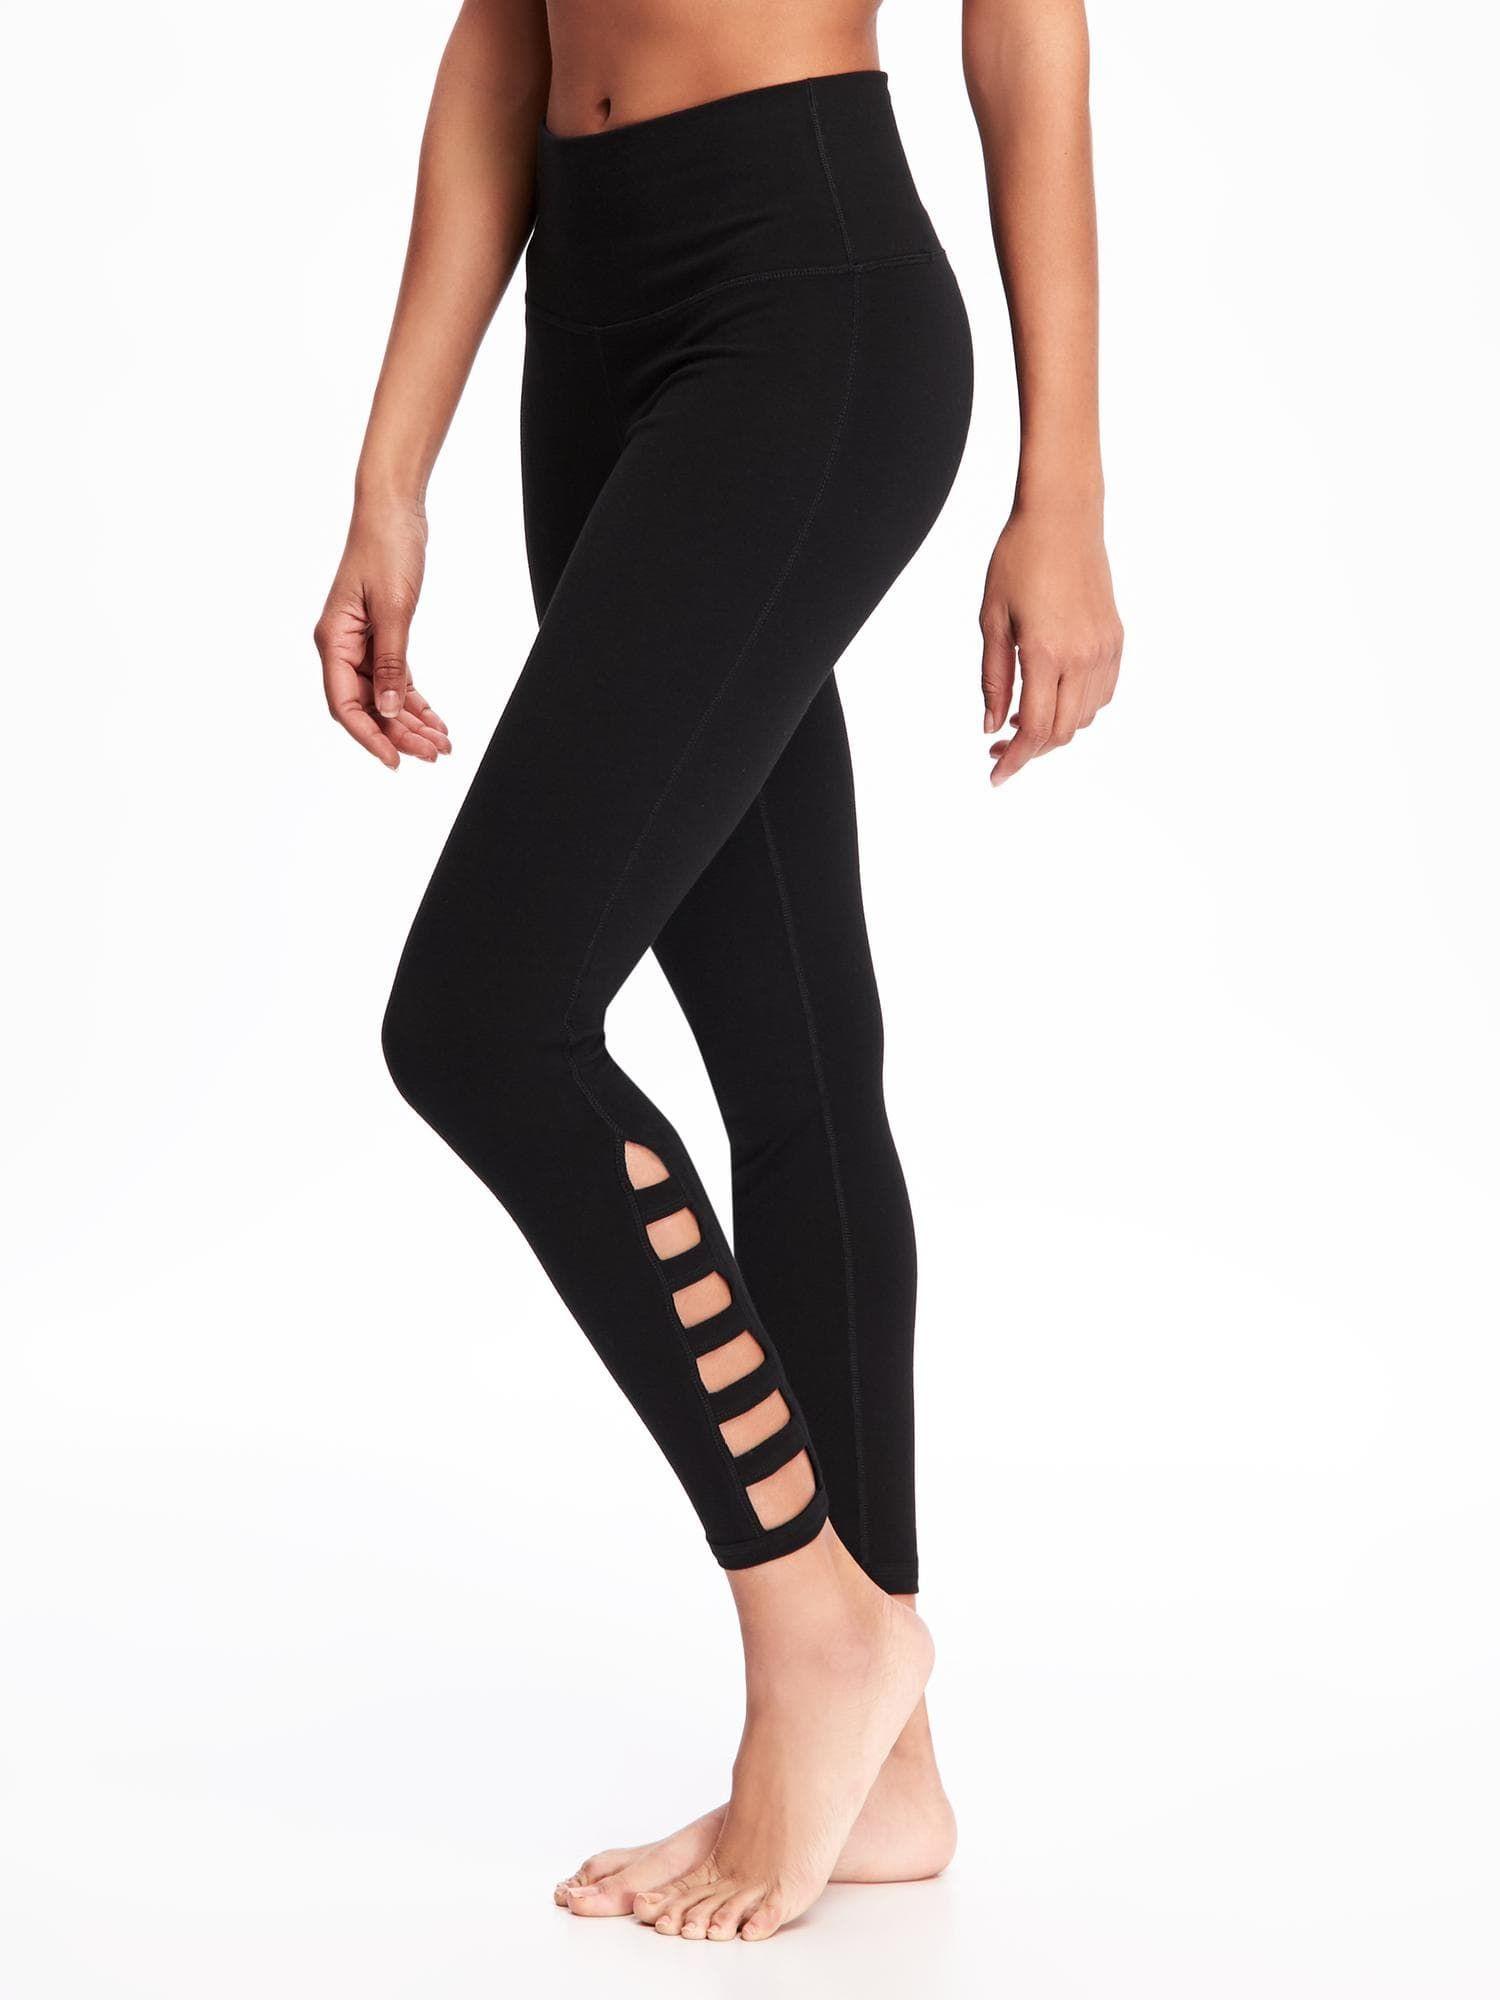 41c75f231ede44 Go-Dry Cool High-Rise Lattice-Work Yoga Leggings for Women | Old Navy